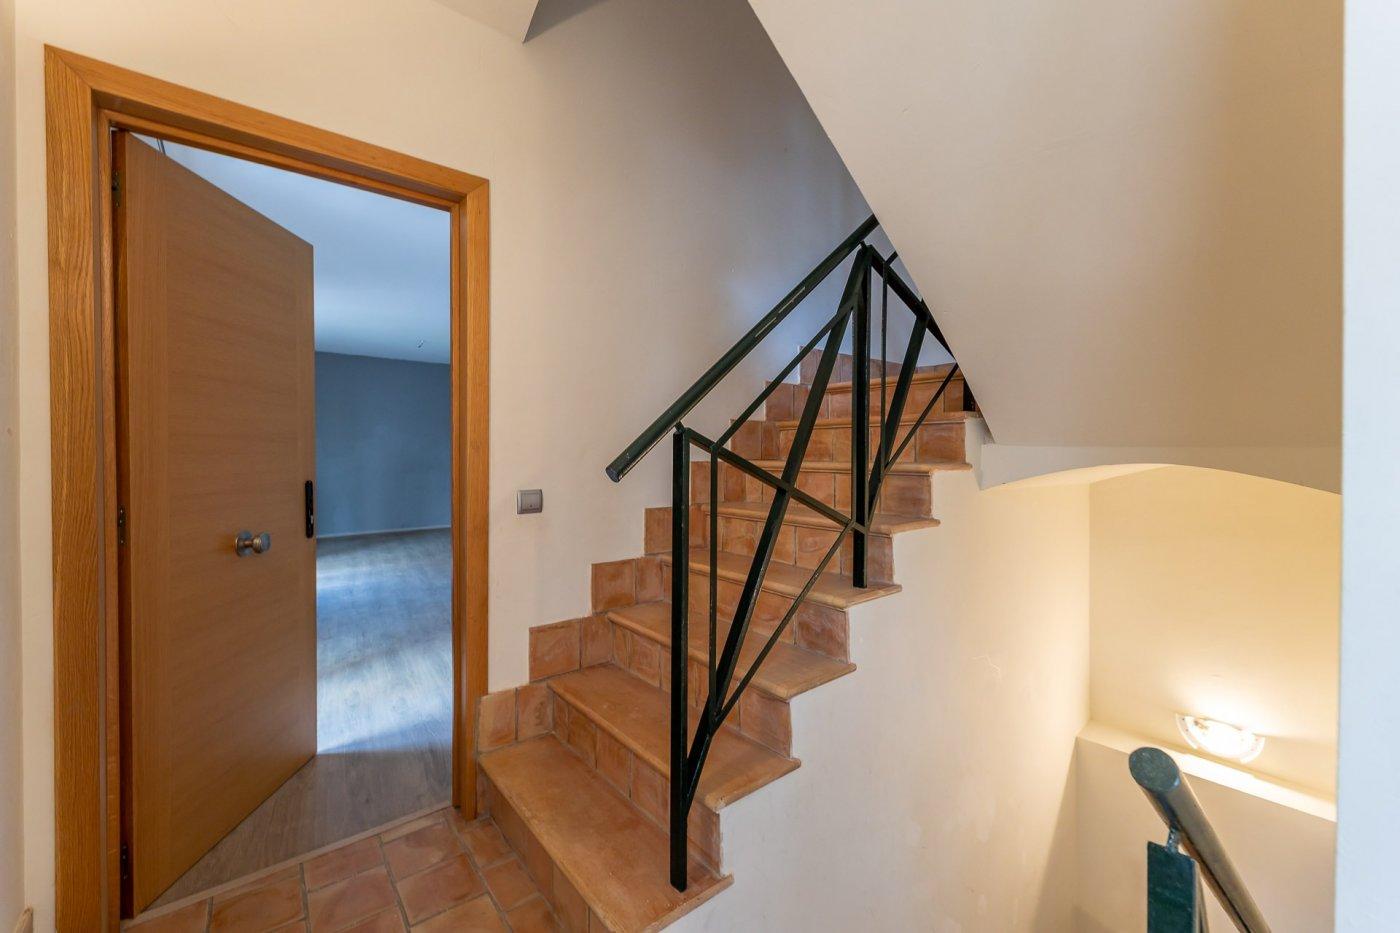 Piso tres habitaciones y amplia terraza en el centro de inca - imagenInmueble19